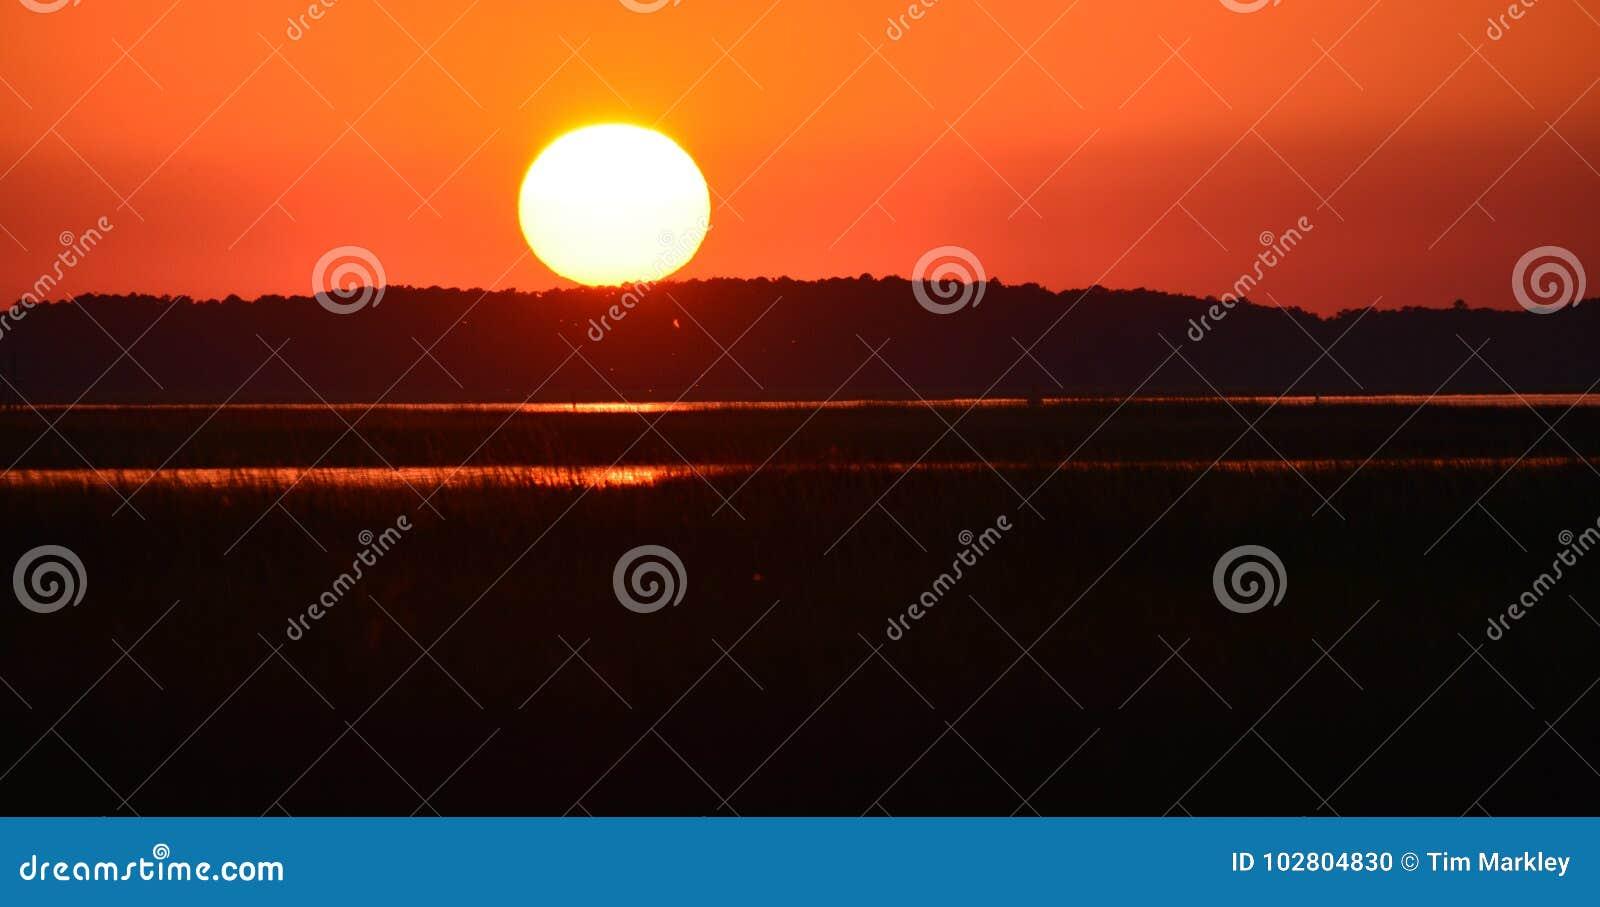 Wielki słońce